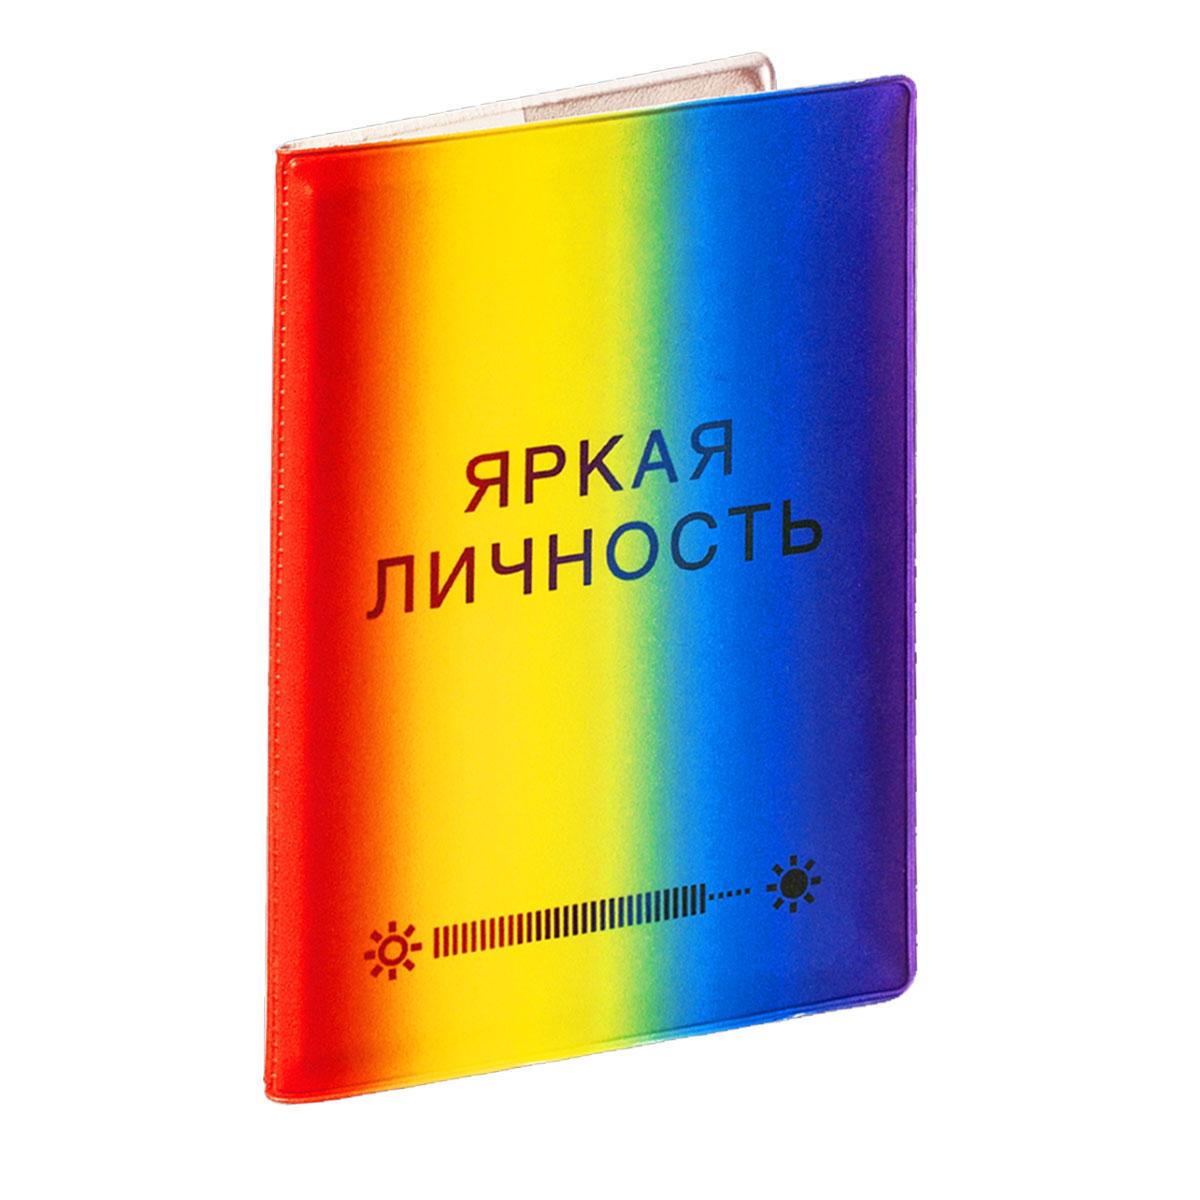 Обложка для паспорта ОРЗ-дизайн Яркая личность, цвет: желтый, красный, синий. Орз-0290Орз-0290Обложка на паспорт пластиковая